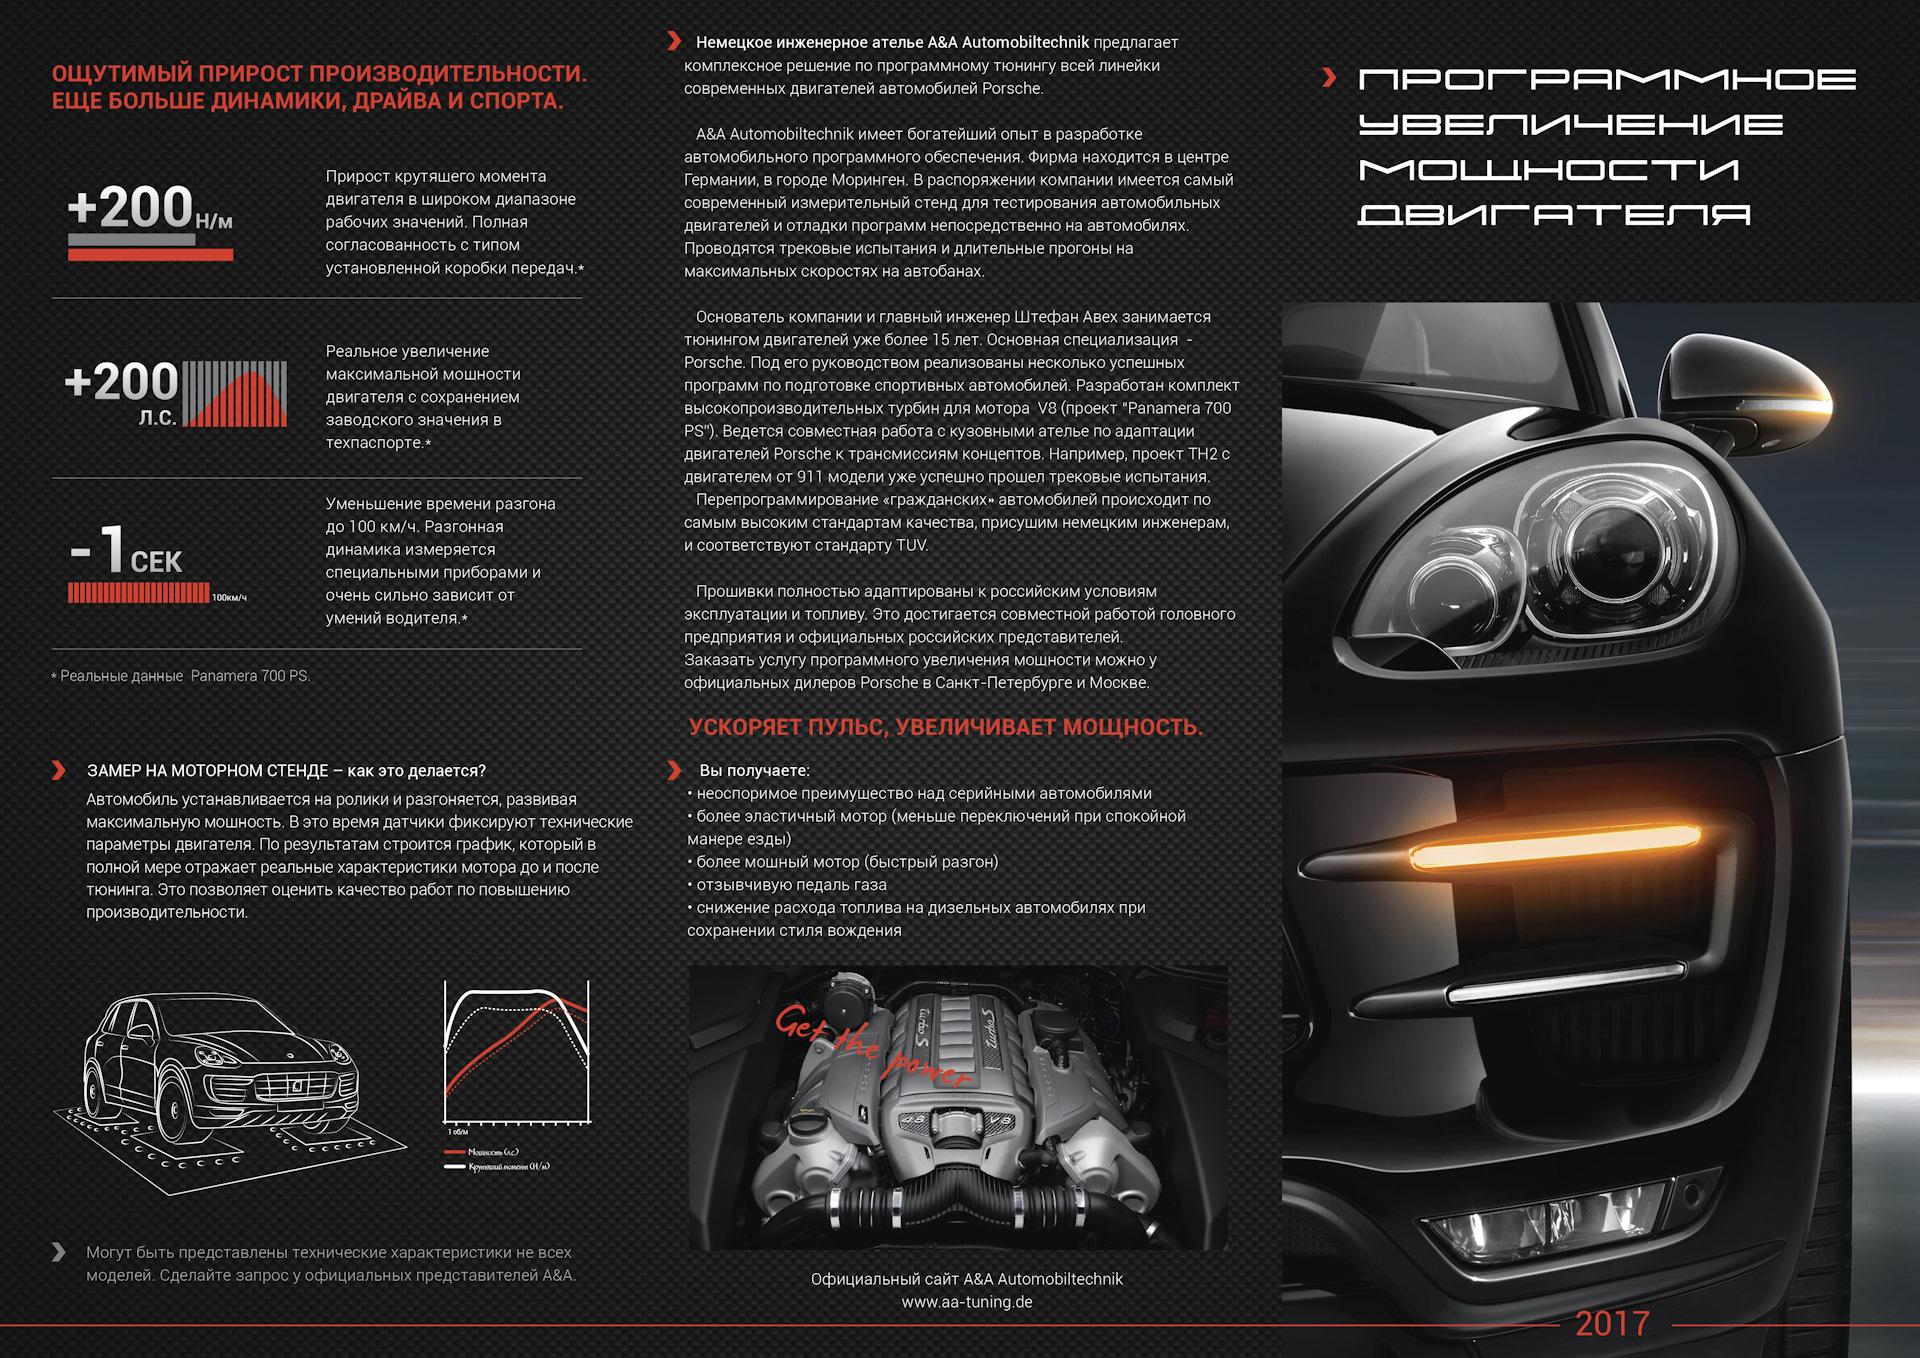 Чип-тюнинг автомобиля: мифы и реальность | brodude.ru